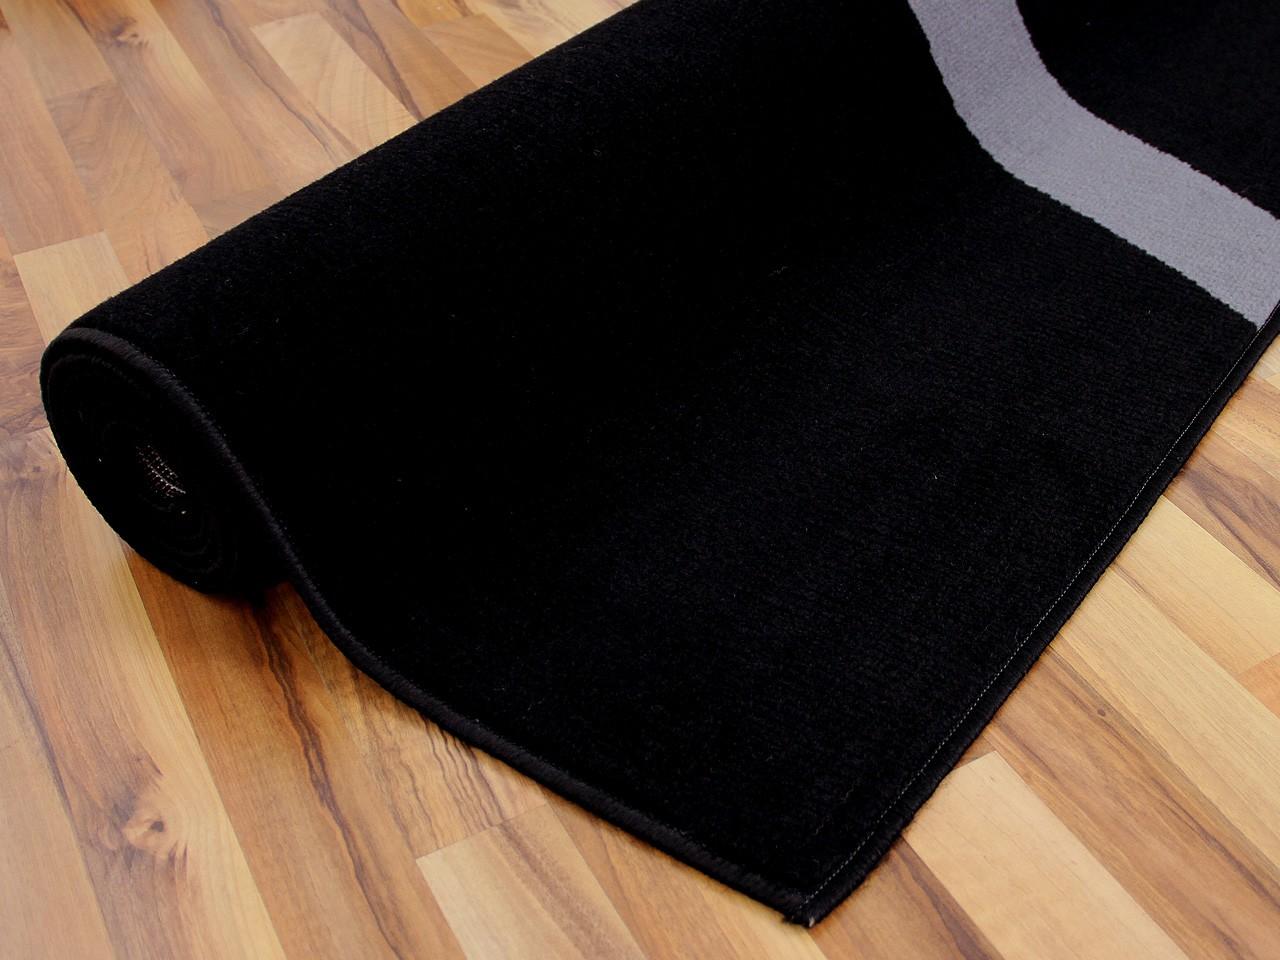 Teppich Trendline Schwarz Kreise in 4 Größen Teppiche